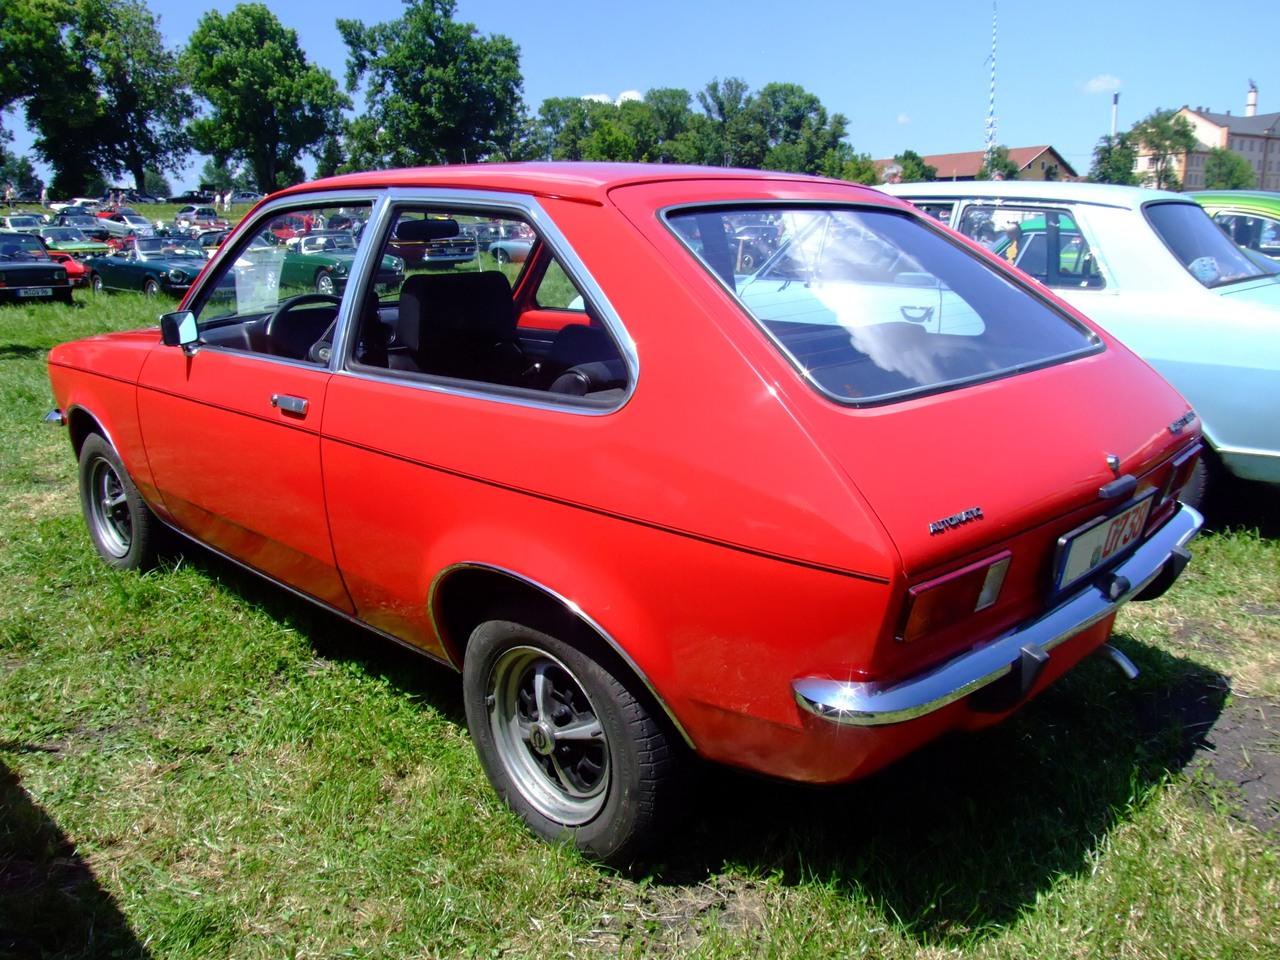 Défi moins de kits en cours : Dodge Charger R/T 68 [Revell 1/25] *** Vignette terminée en pg 10 - Page 9 Opel_Kadett_1200_S_2